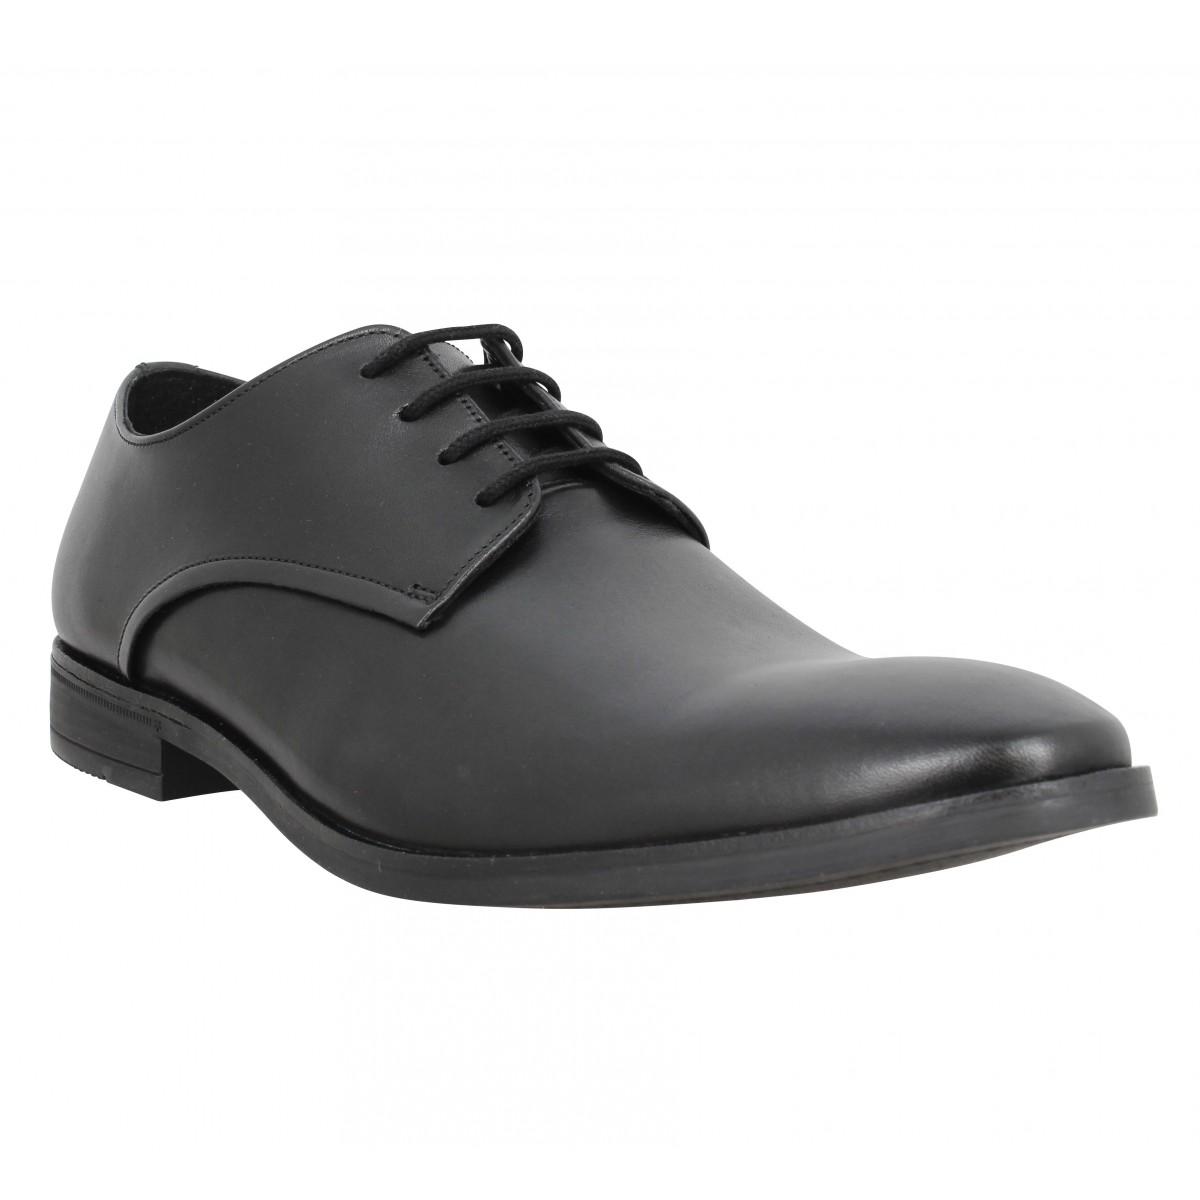 Chaussures à lacets CLARKS Stanford Walk cuir Homme Noir